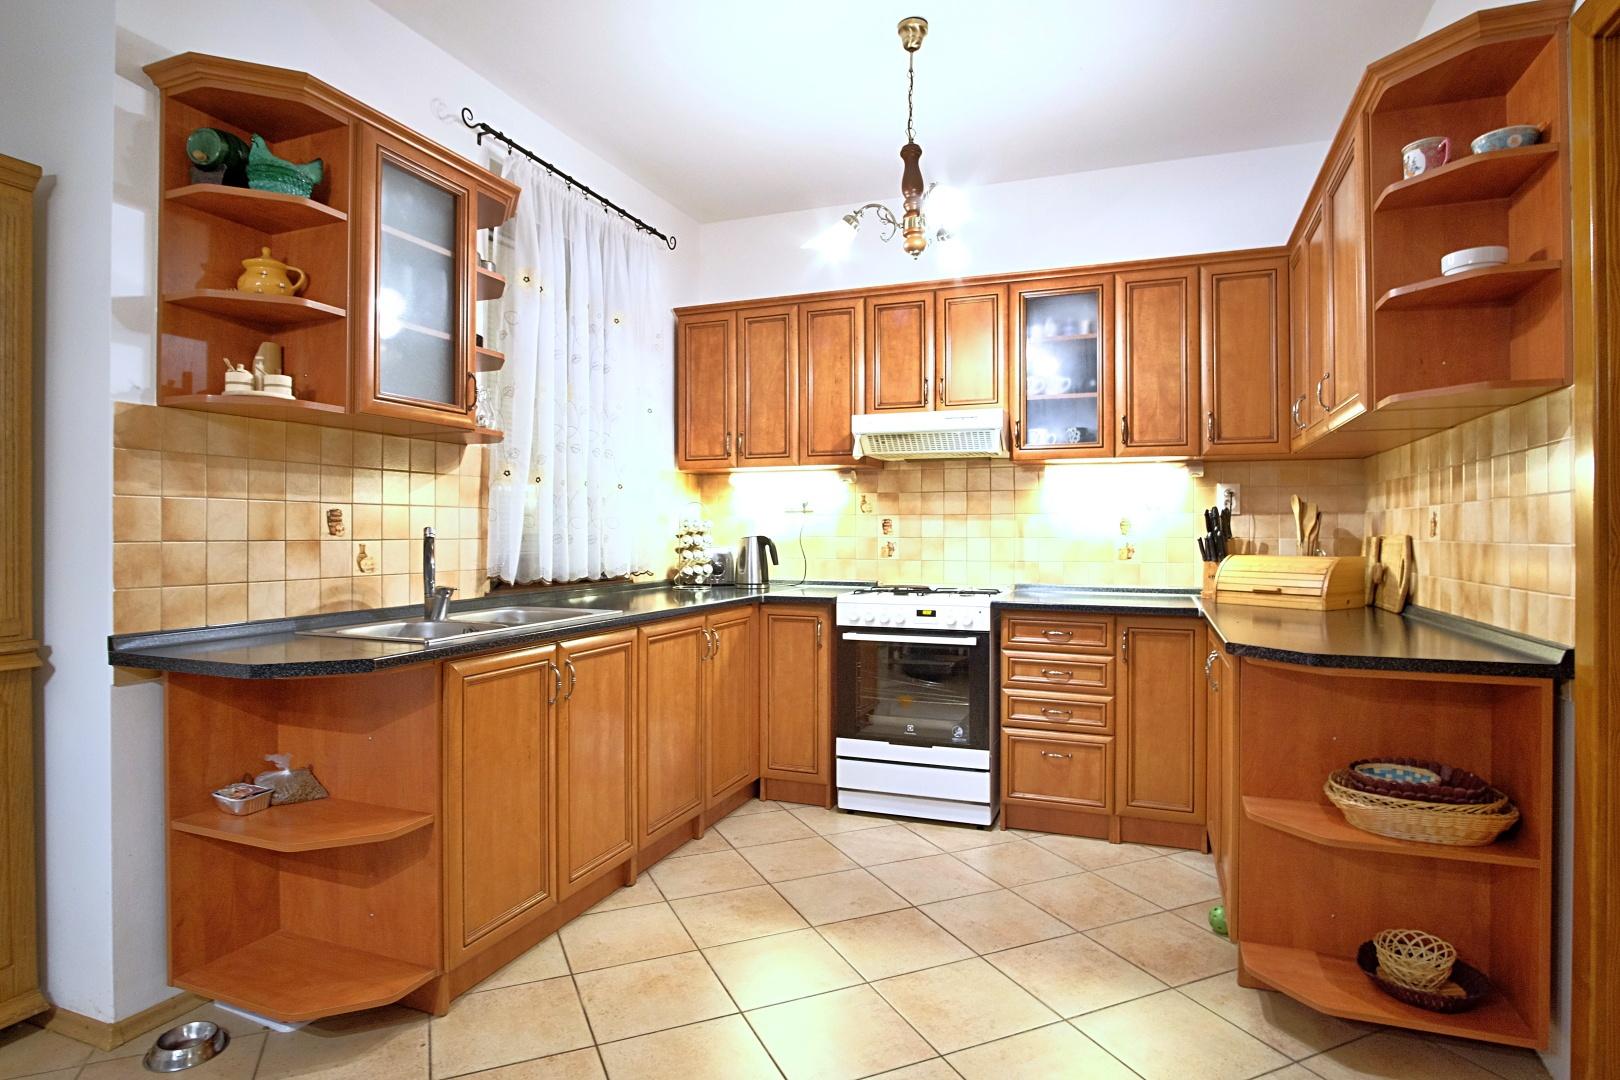 Predané: Na predaj 6-izbový rodinný dom vo vilovej štvrti v Hamuliakove, 15 km od Bratislavy-3